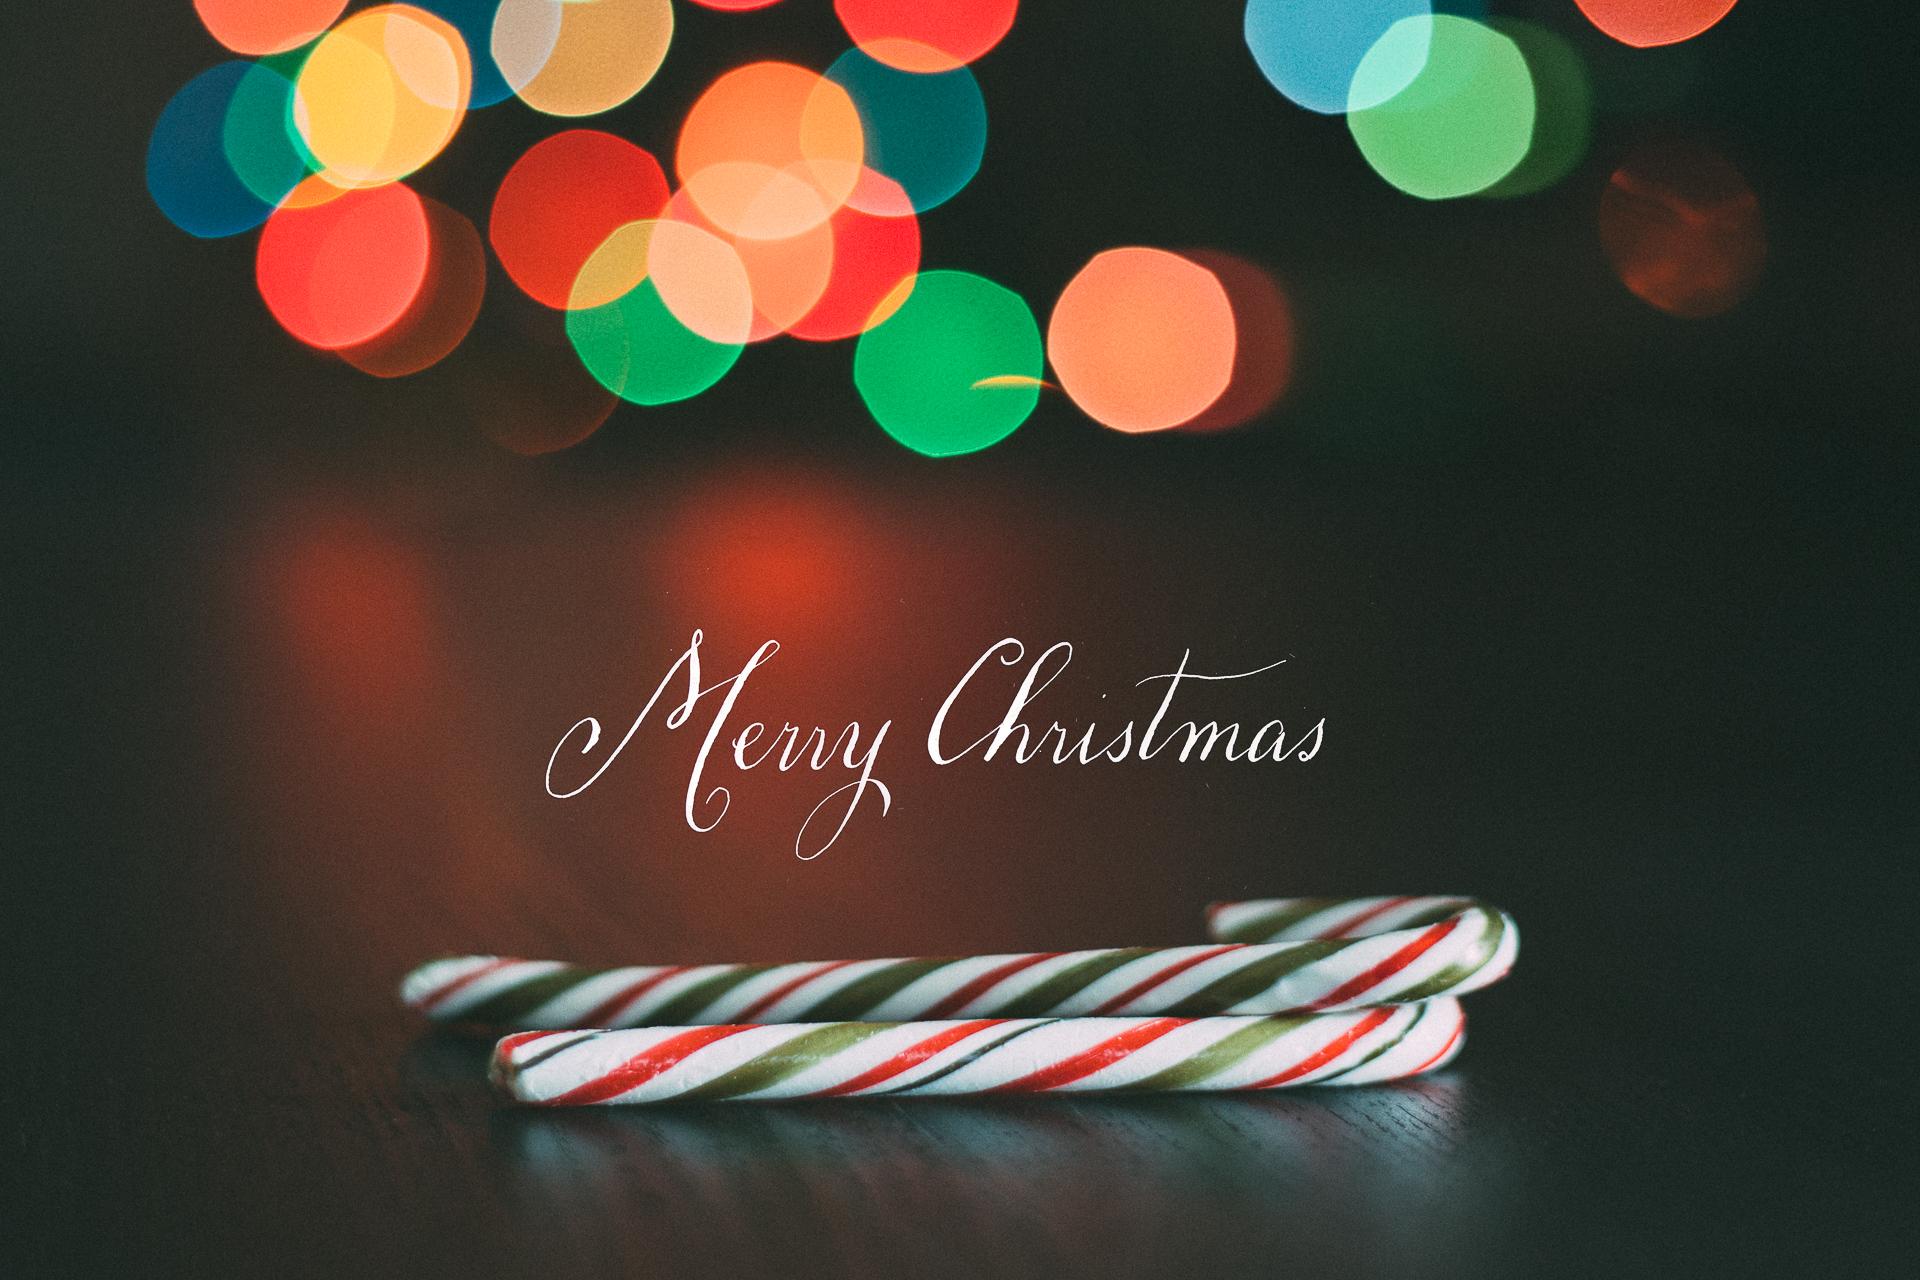 Hintergrundbilder : 500px, Text, Kanon, Weihnachten, Bokeh, Event ...